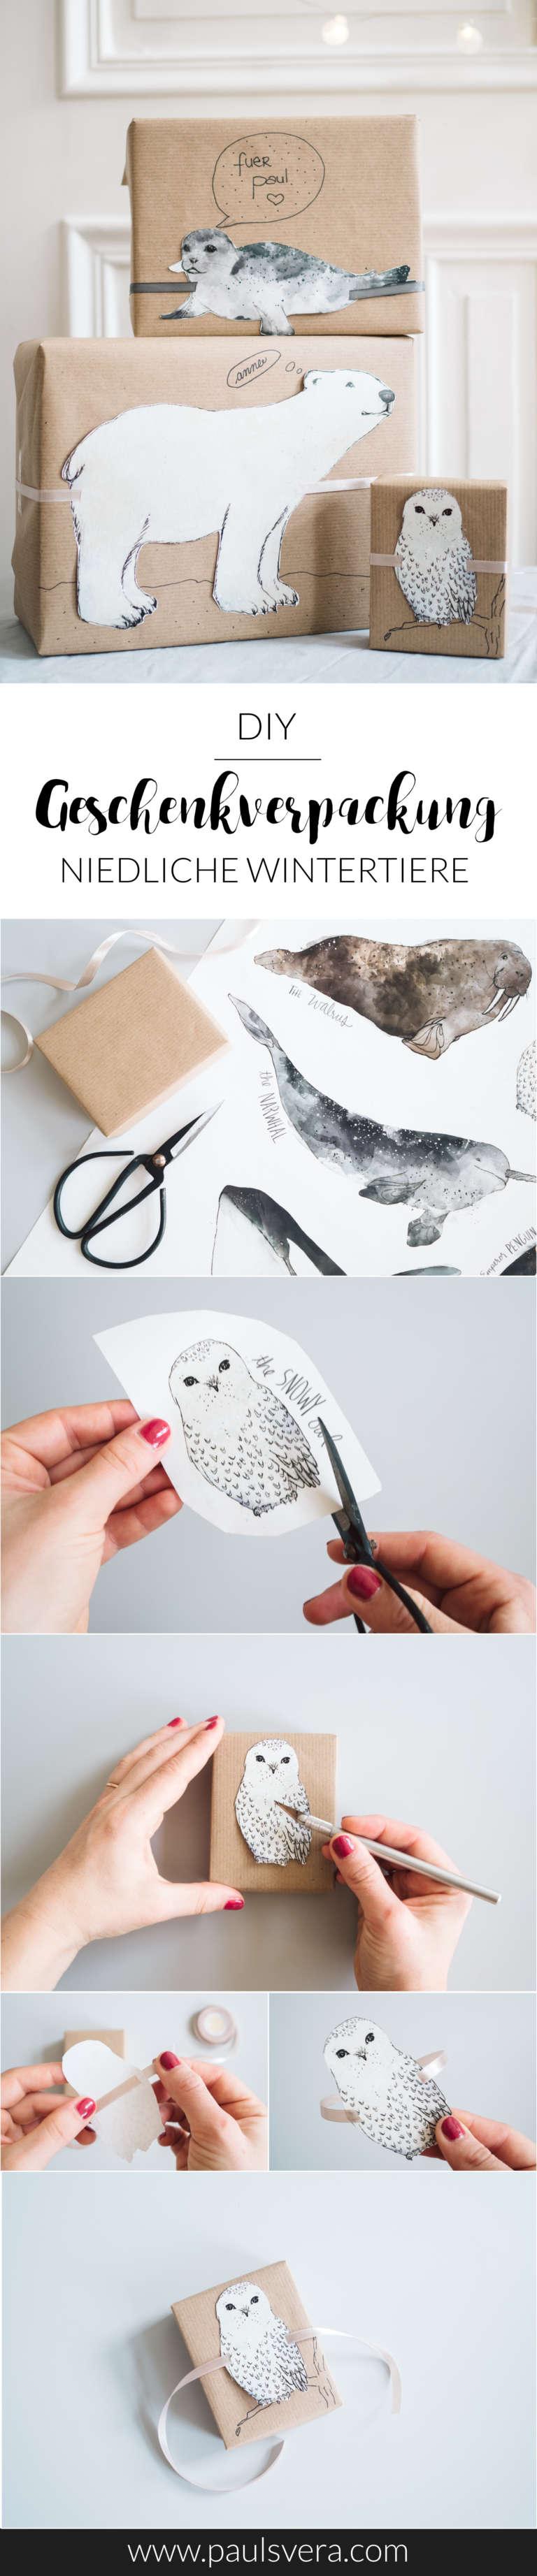 Diy Geschenke Verpacken Einpacken Ideen Anleitung Niedliche Wintertiere Paulsvera